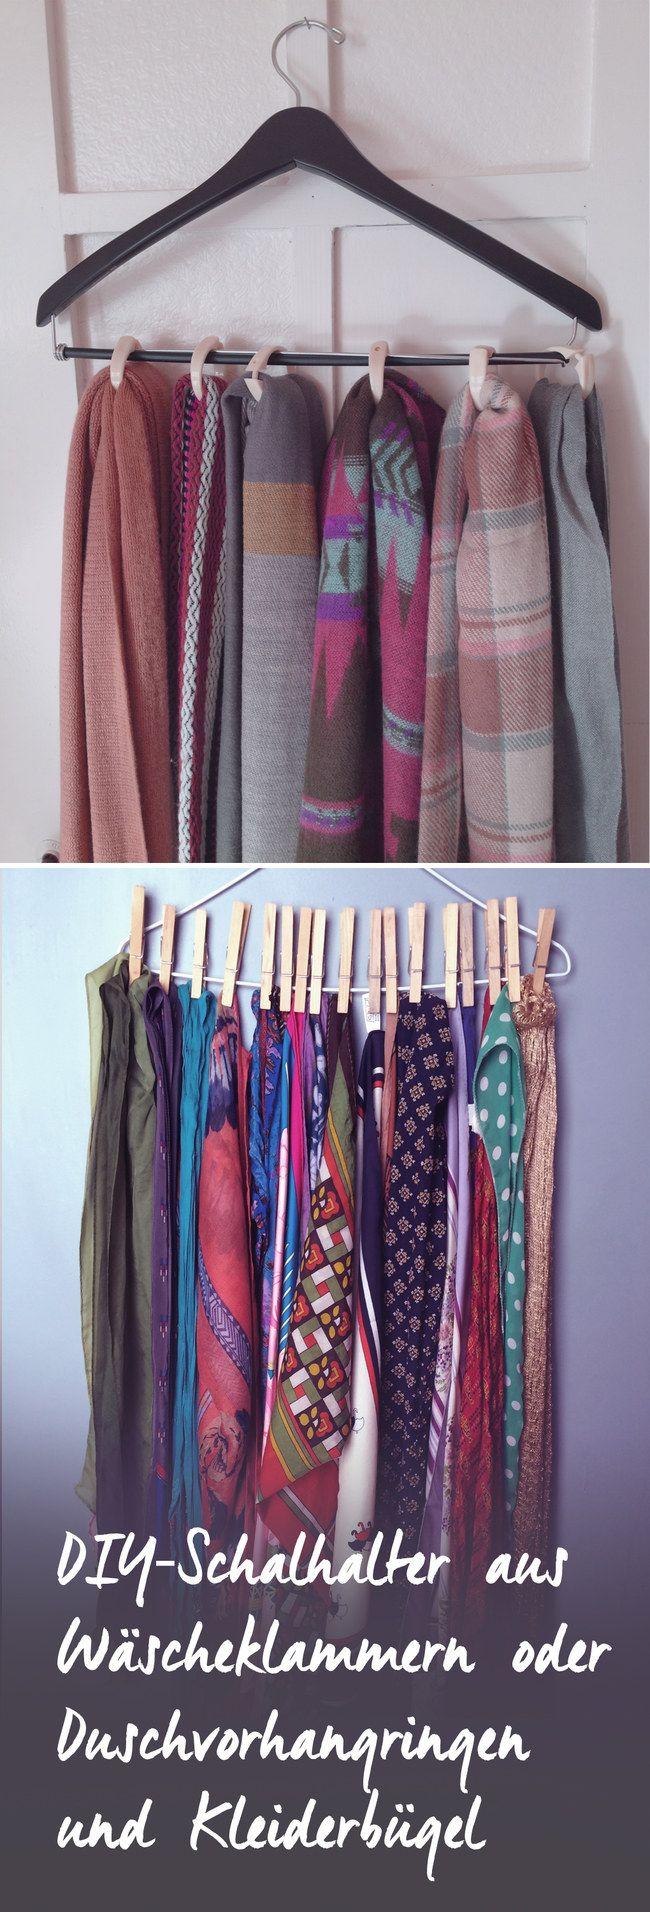 Kleiderschrank aufräumen: Diese Hacks schaffen Platz im Schrank                                                                                                                                                                                 Mehr